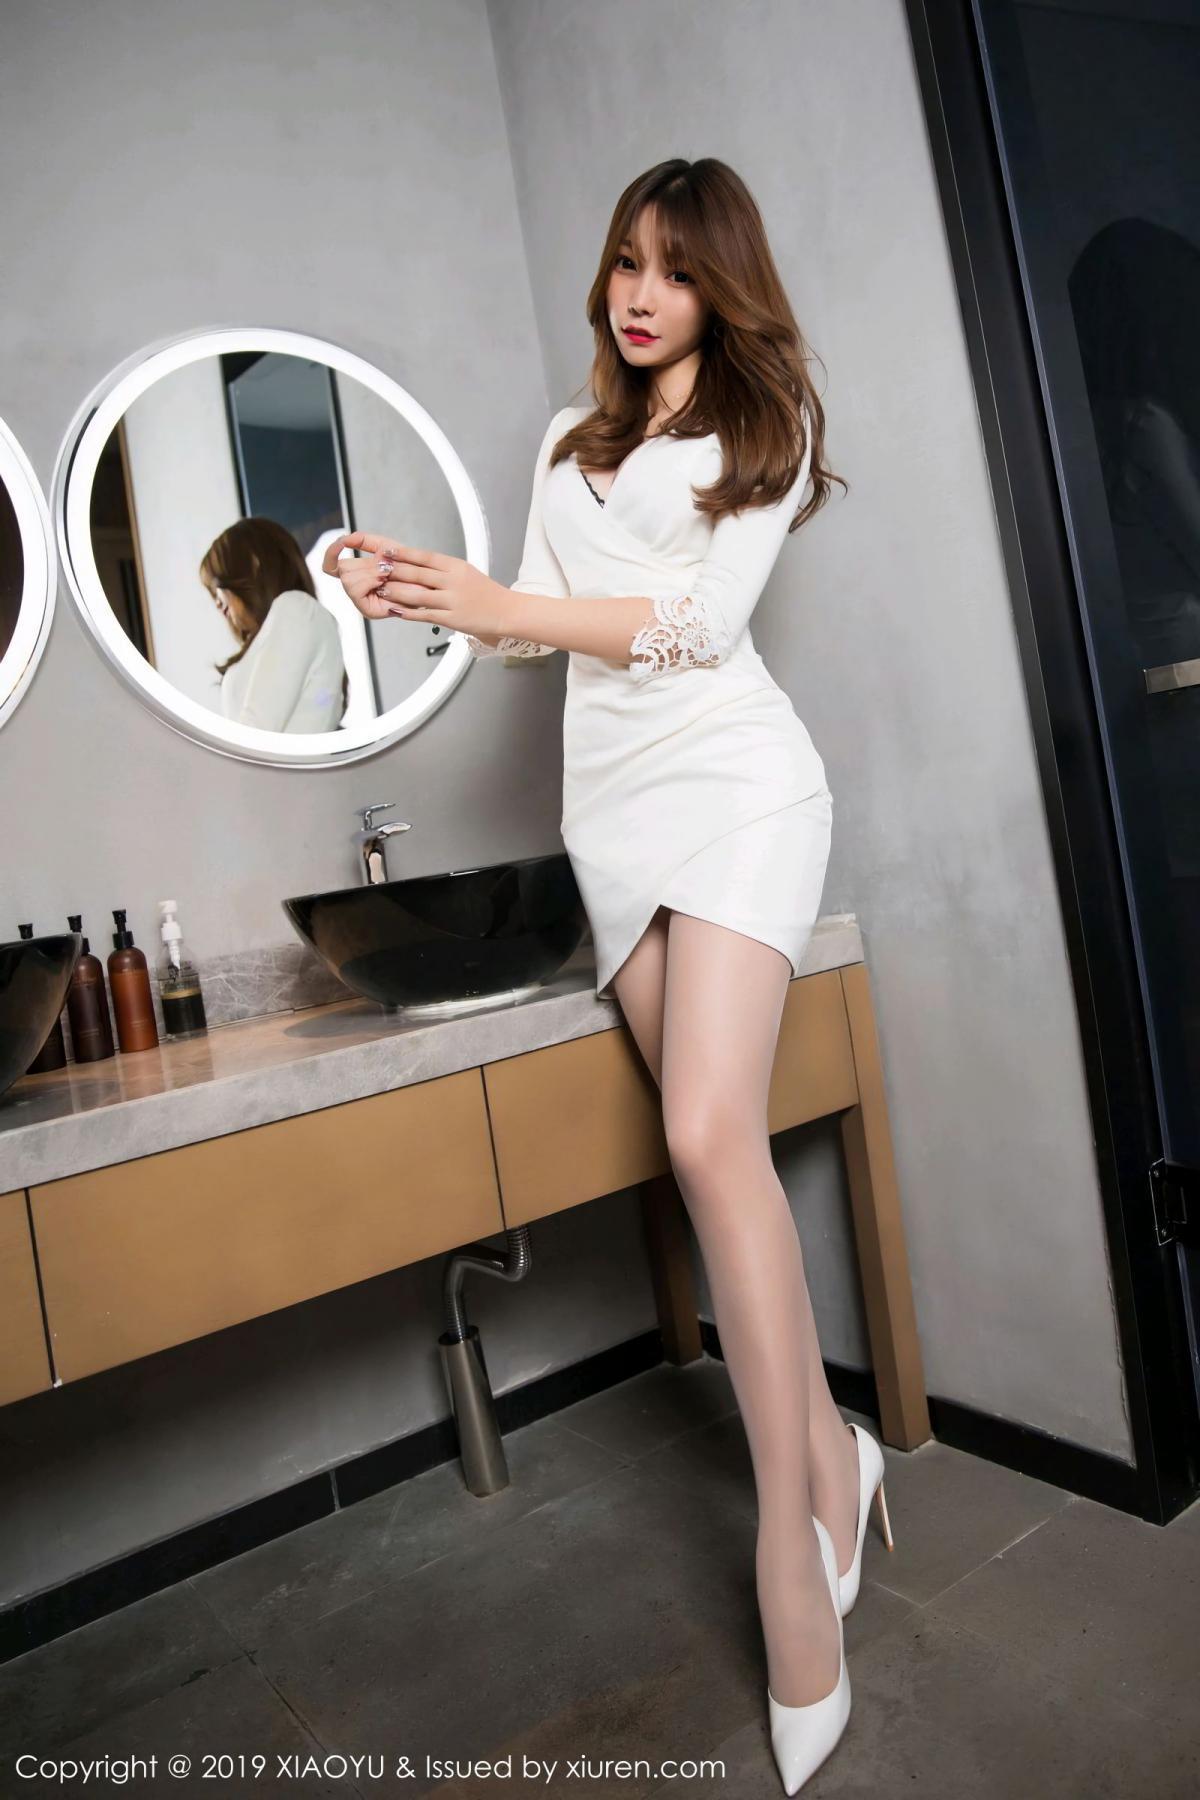 [XiaoYu] Vol.110 Chen Zhi 6P, Chen Zhi, Tall, XiaoYu